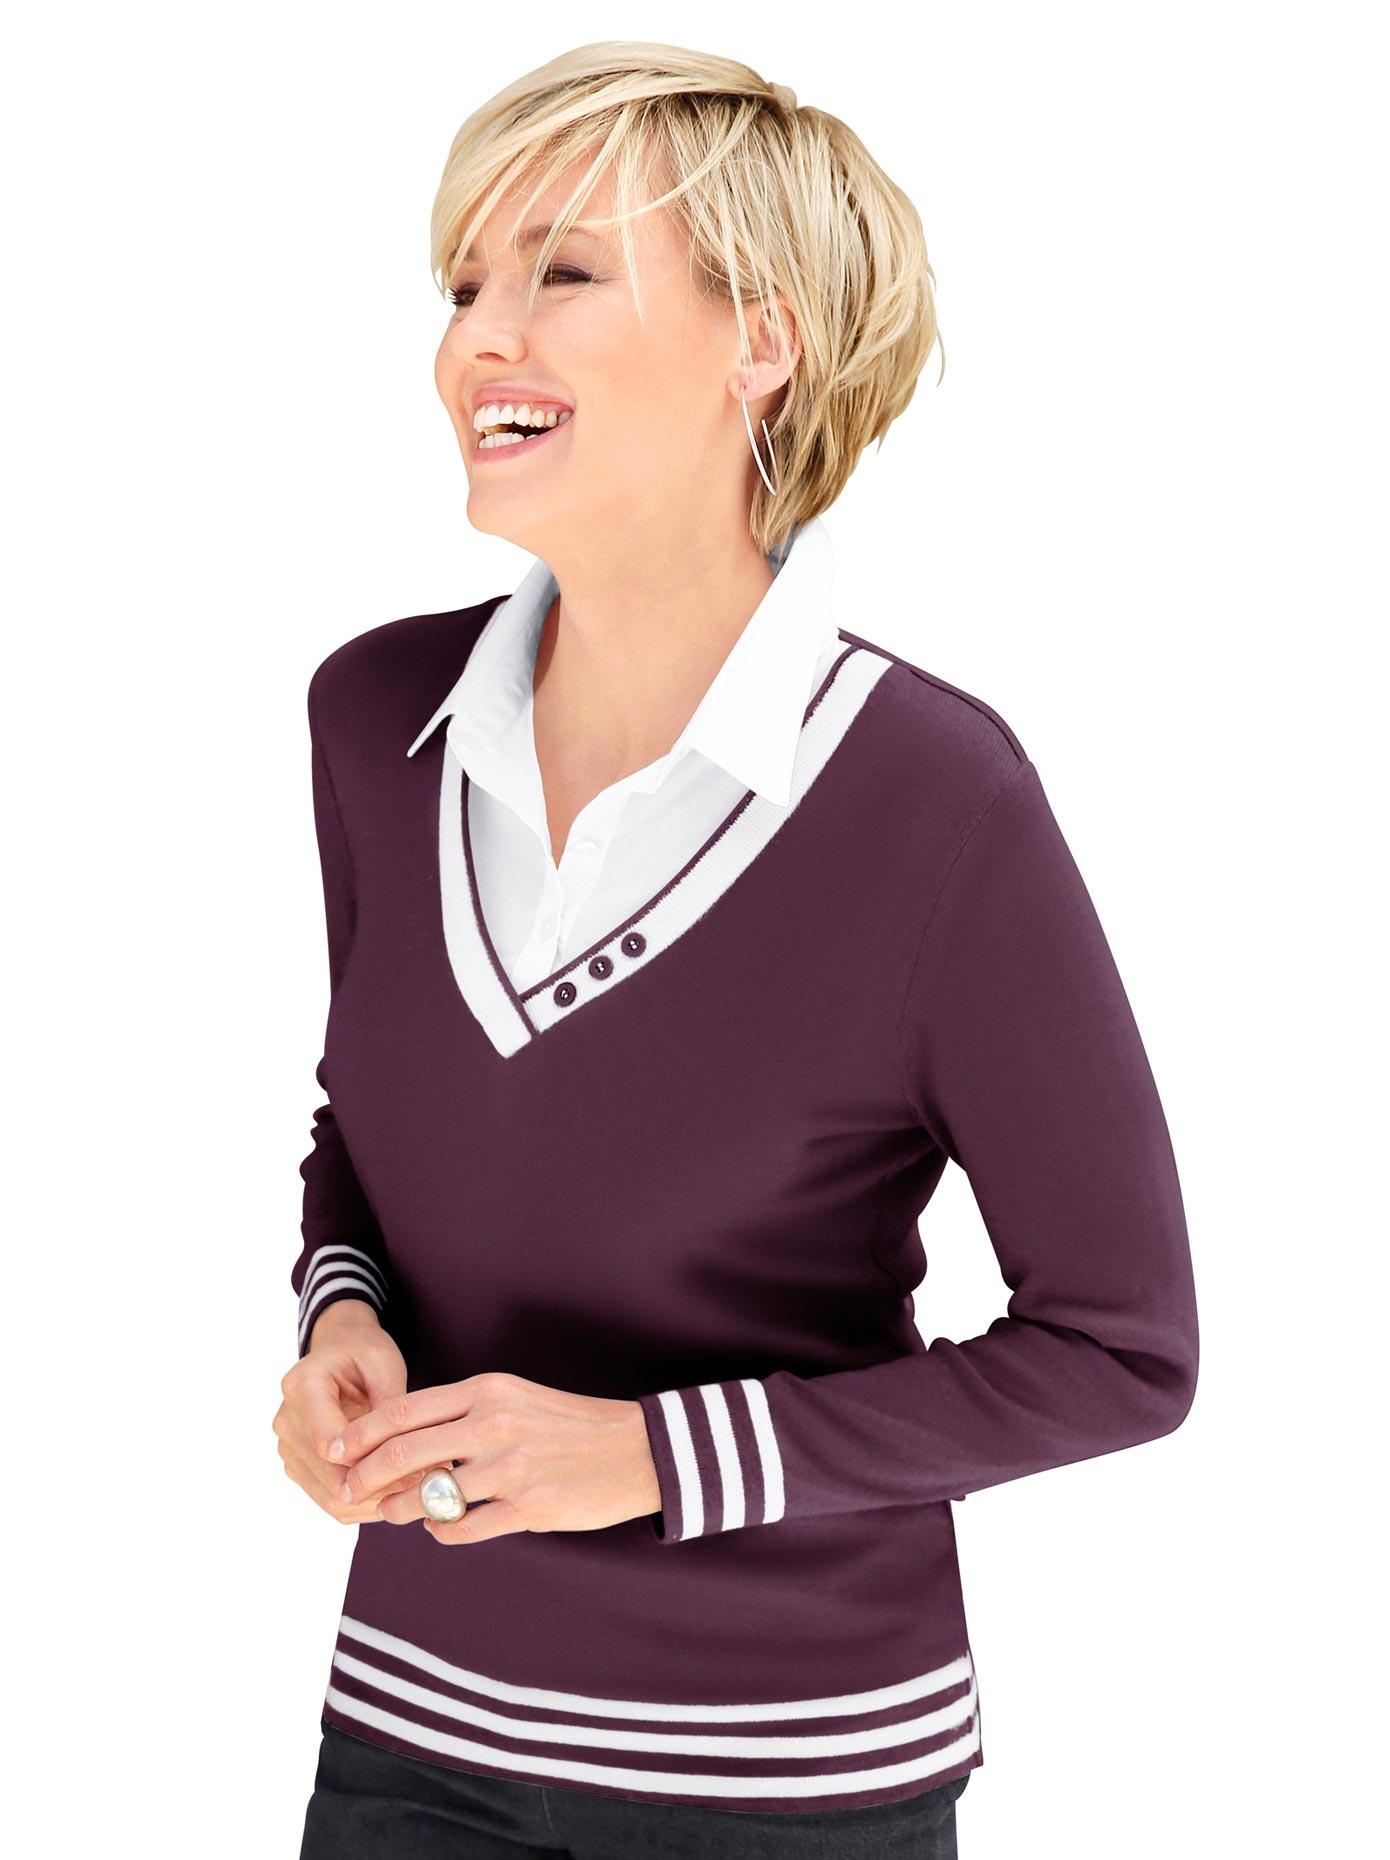 Casual Looks 2-in-1-Pullover mit Zierknöpfen am V-Ausschnitt | Bekleidung > Pullover > 2-in-1 Pullover | Casual Looks